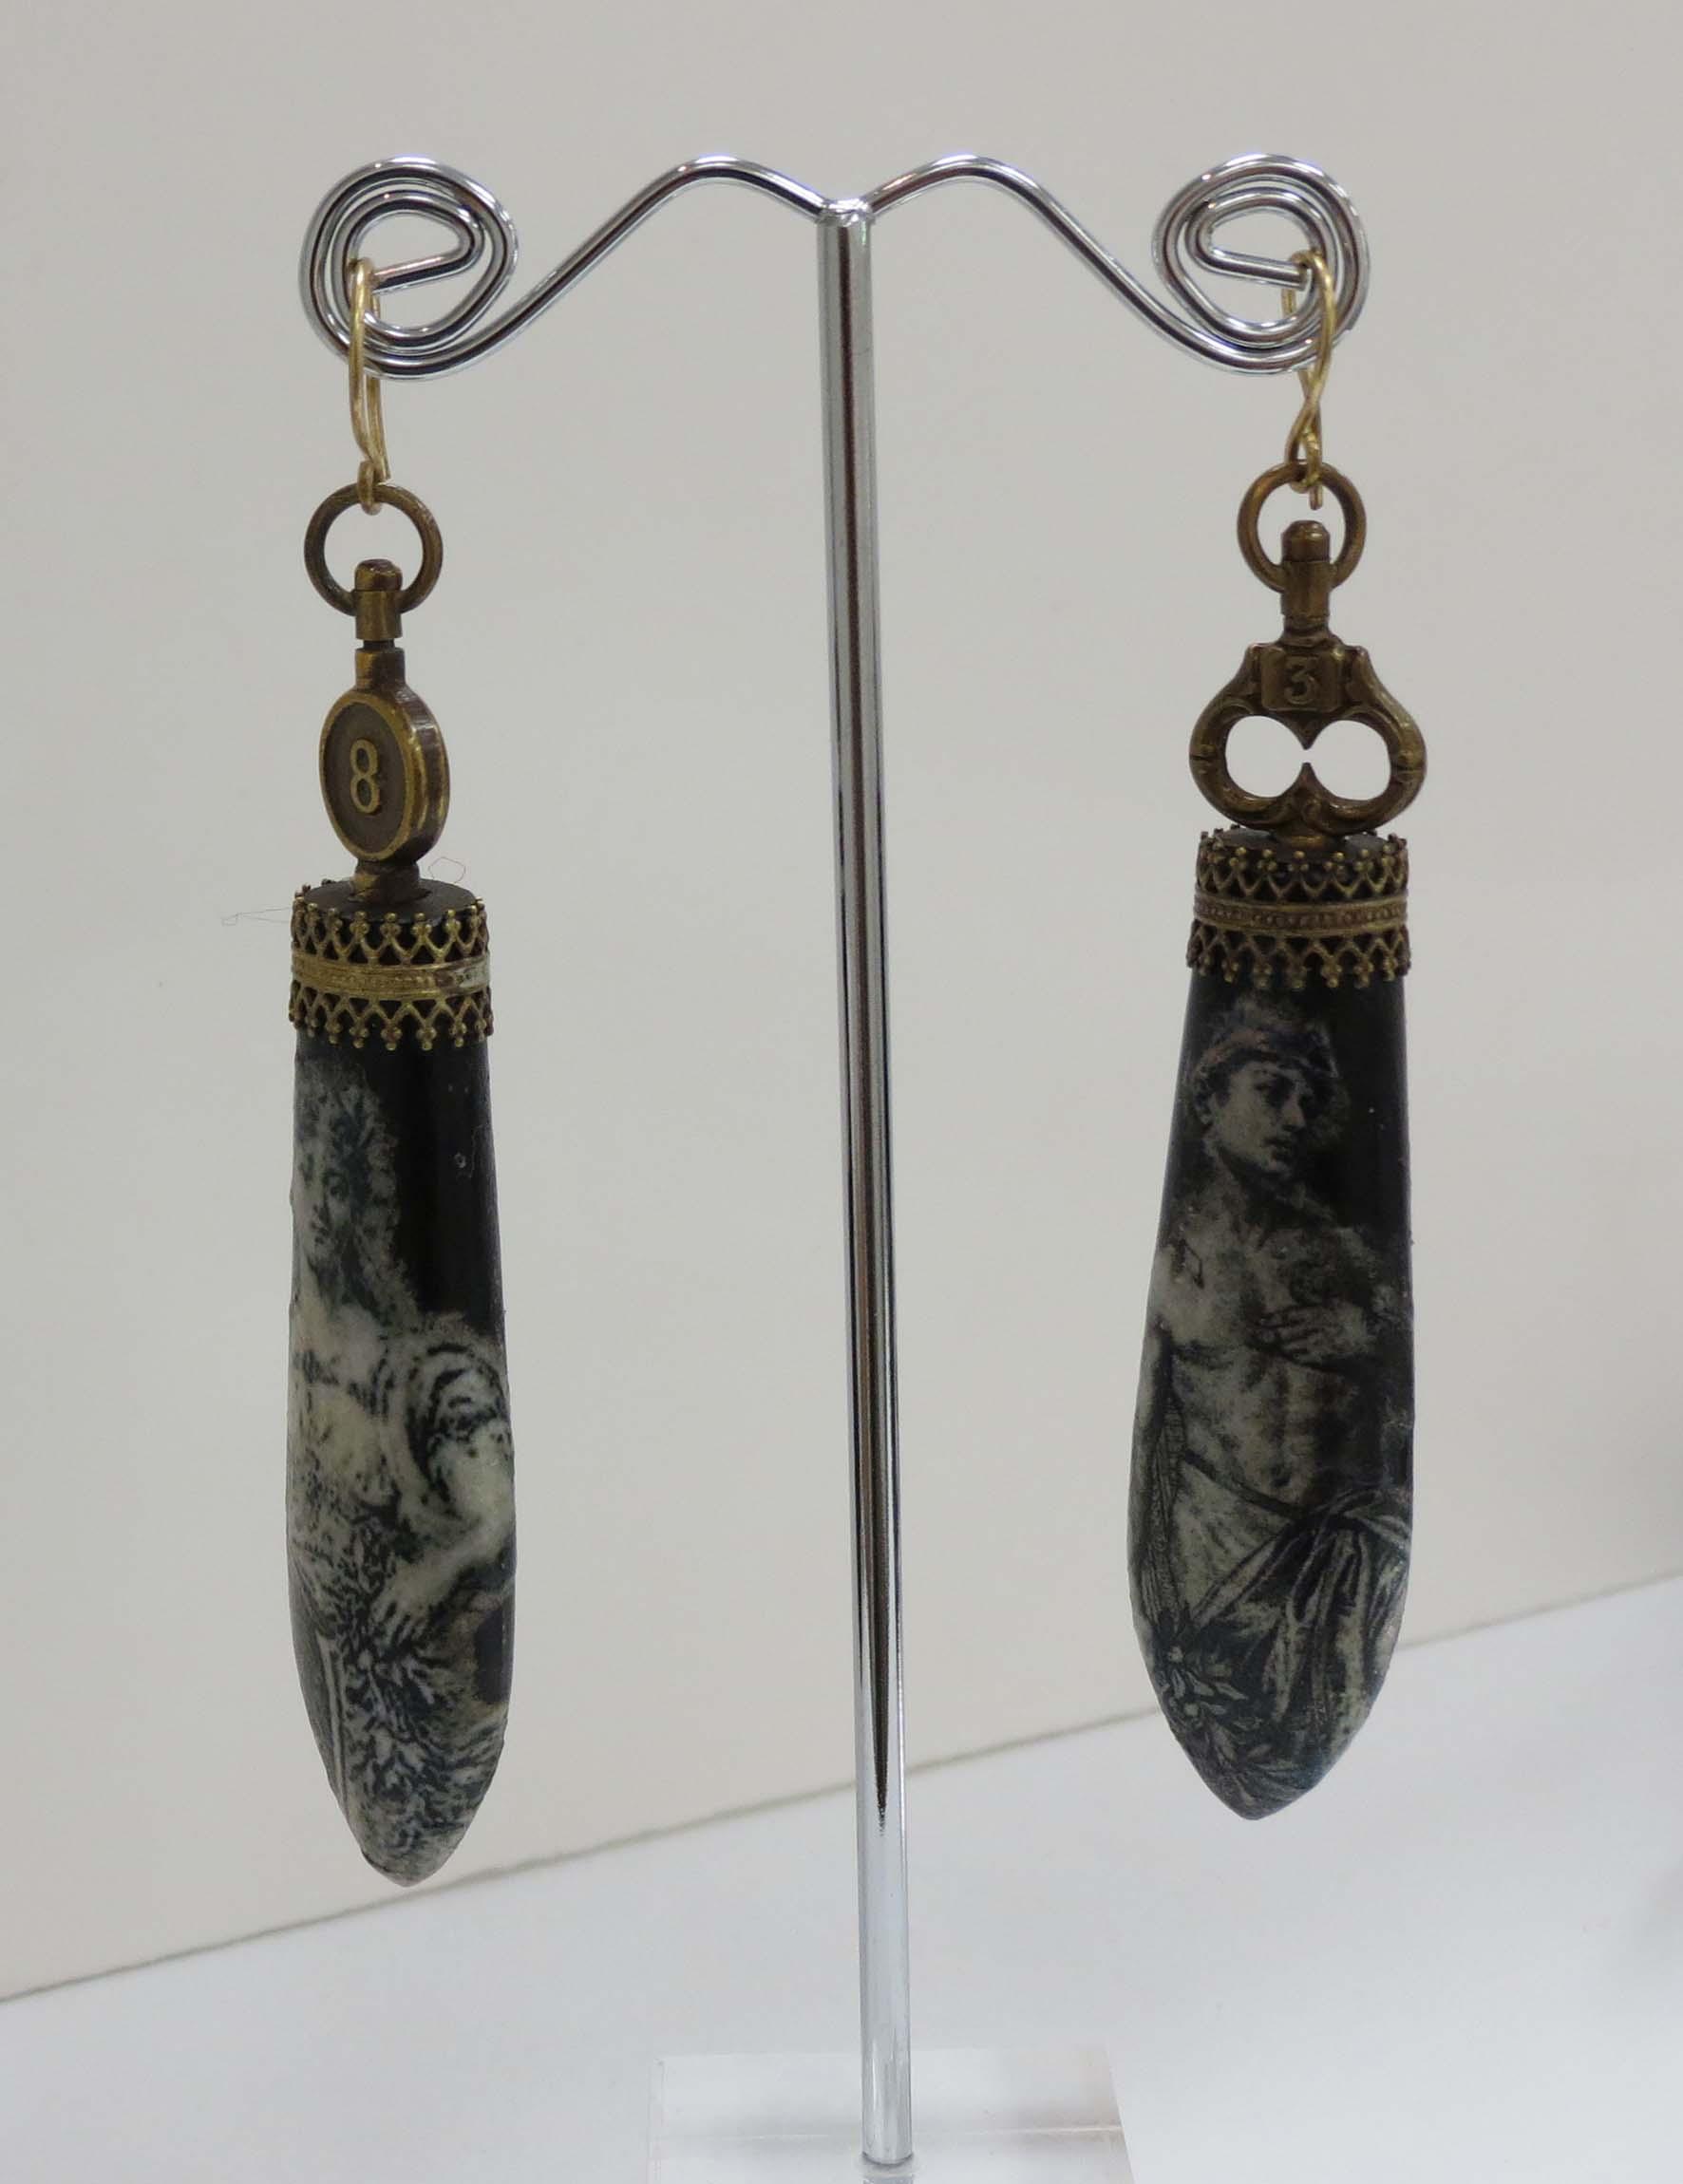 15. Kathy Aspinall, 'Ebony', 2018, Ebony, gallery wire, antique paper, watch keys, earrings, $300